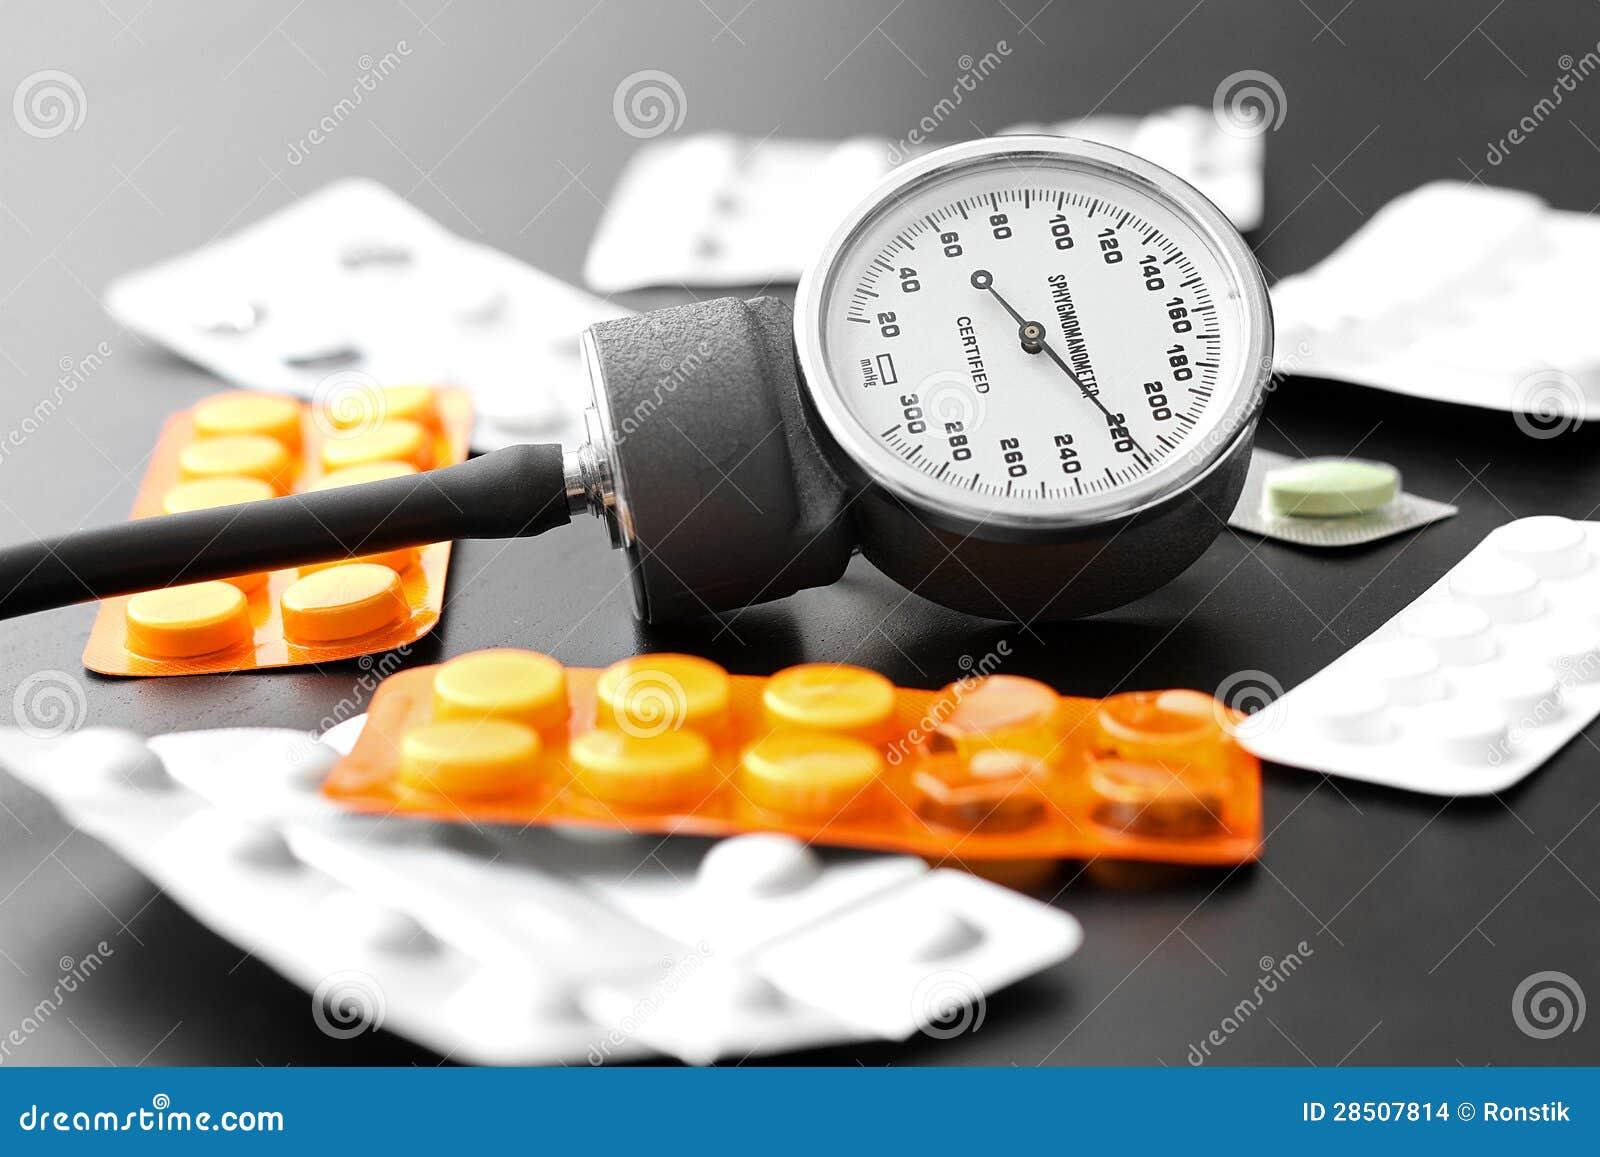 Μετρητής και χάπια πίεσης του αίματος στον πίνακα